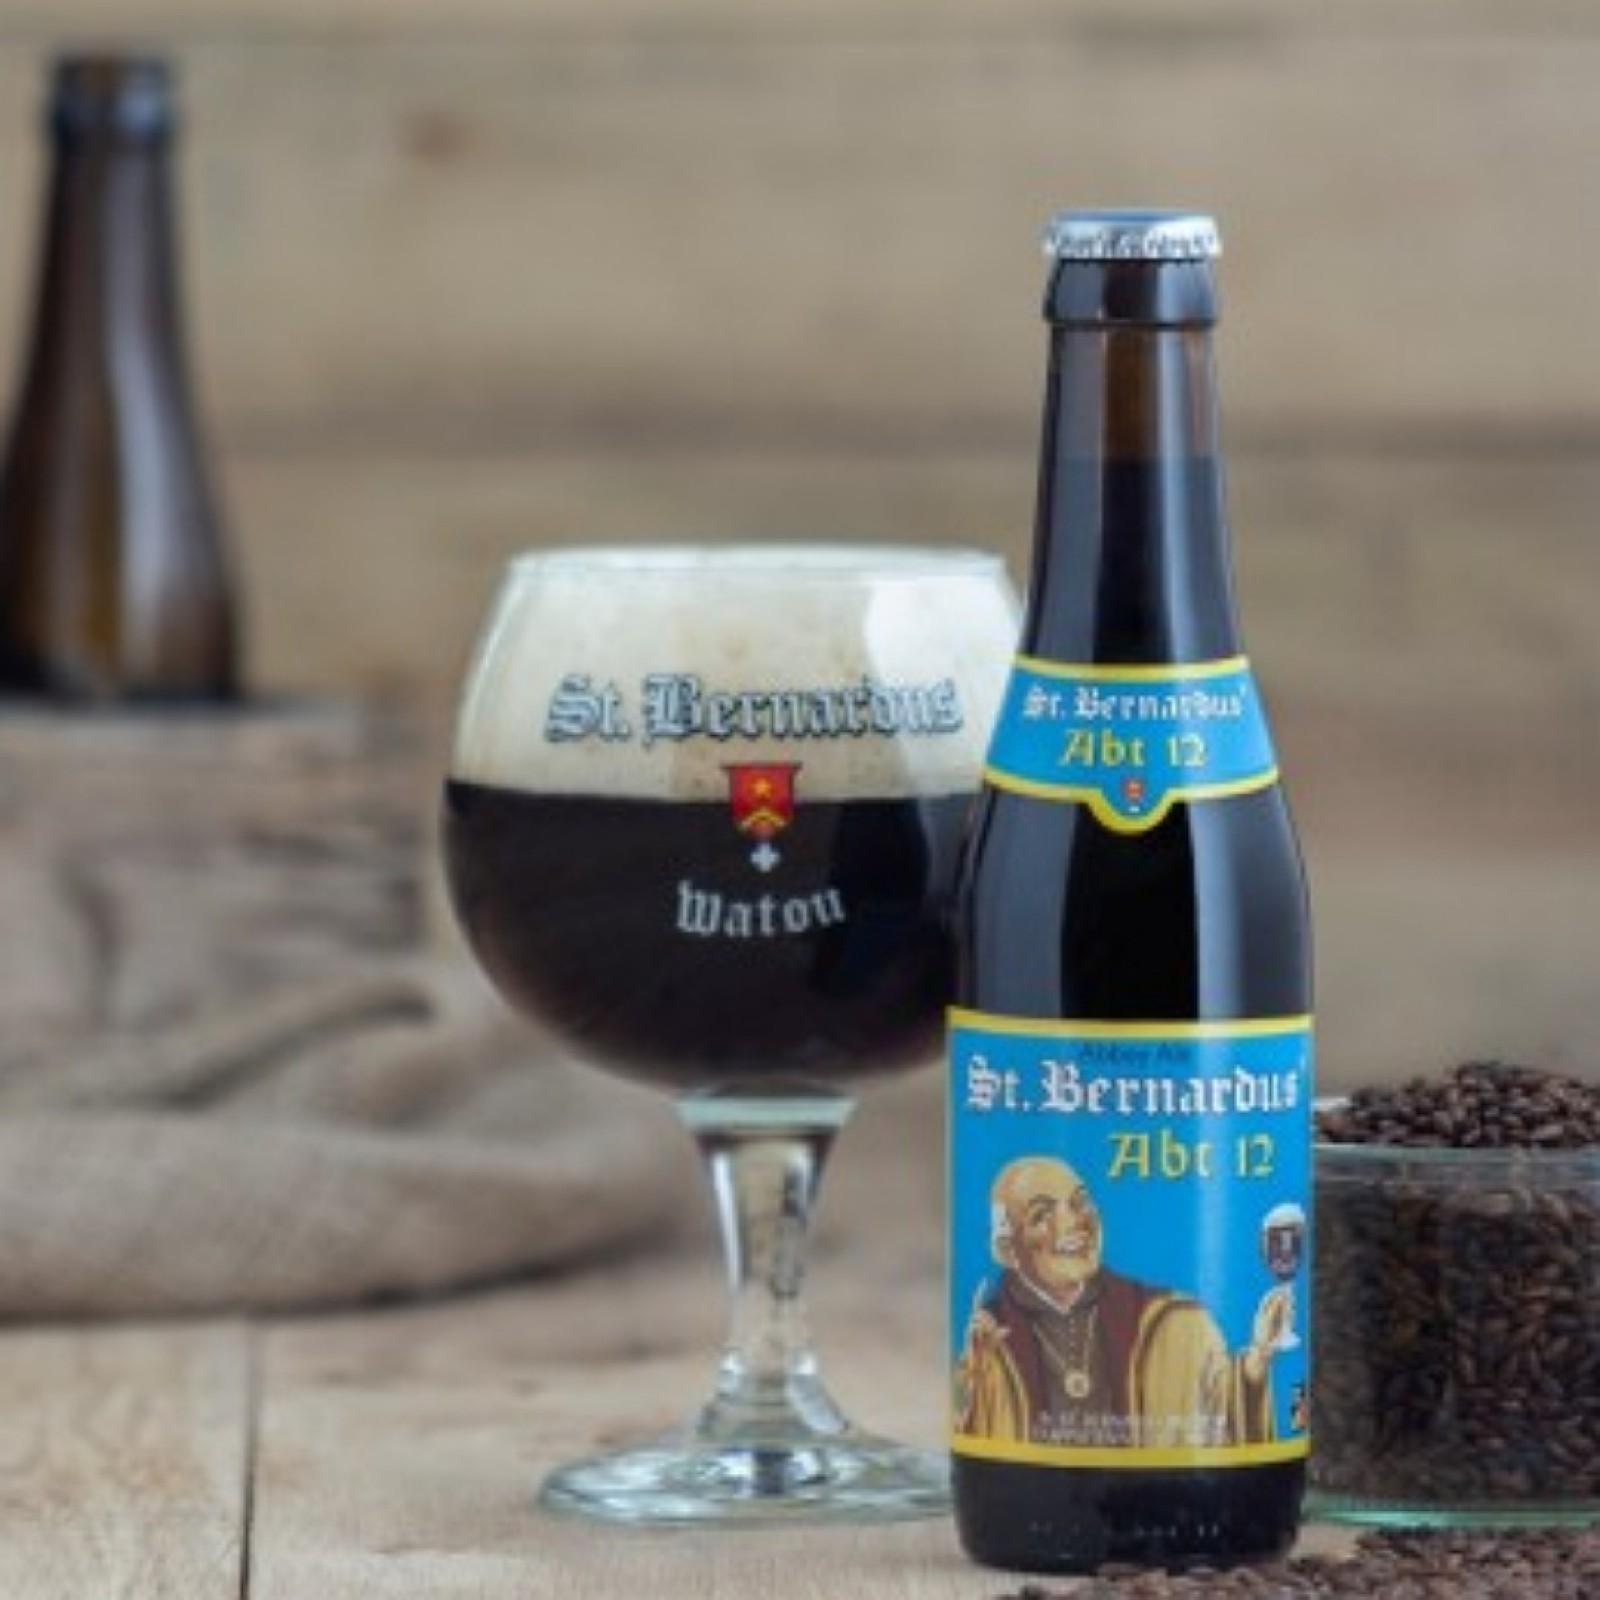 St Bernardus Abt 12 - 10% 330ml